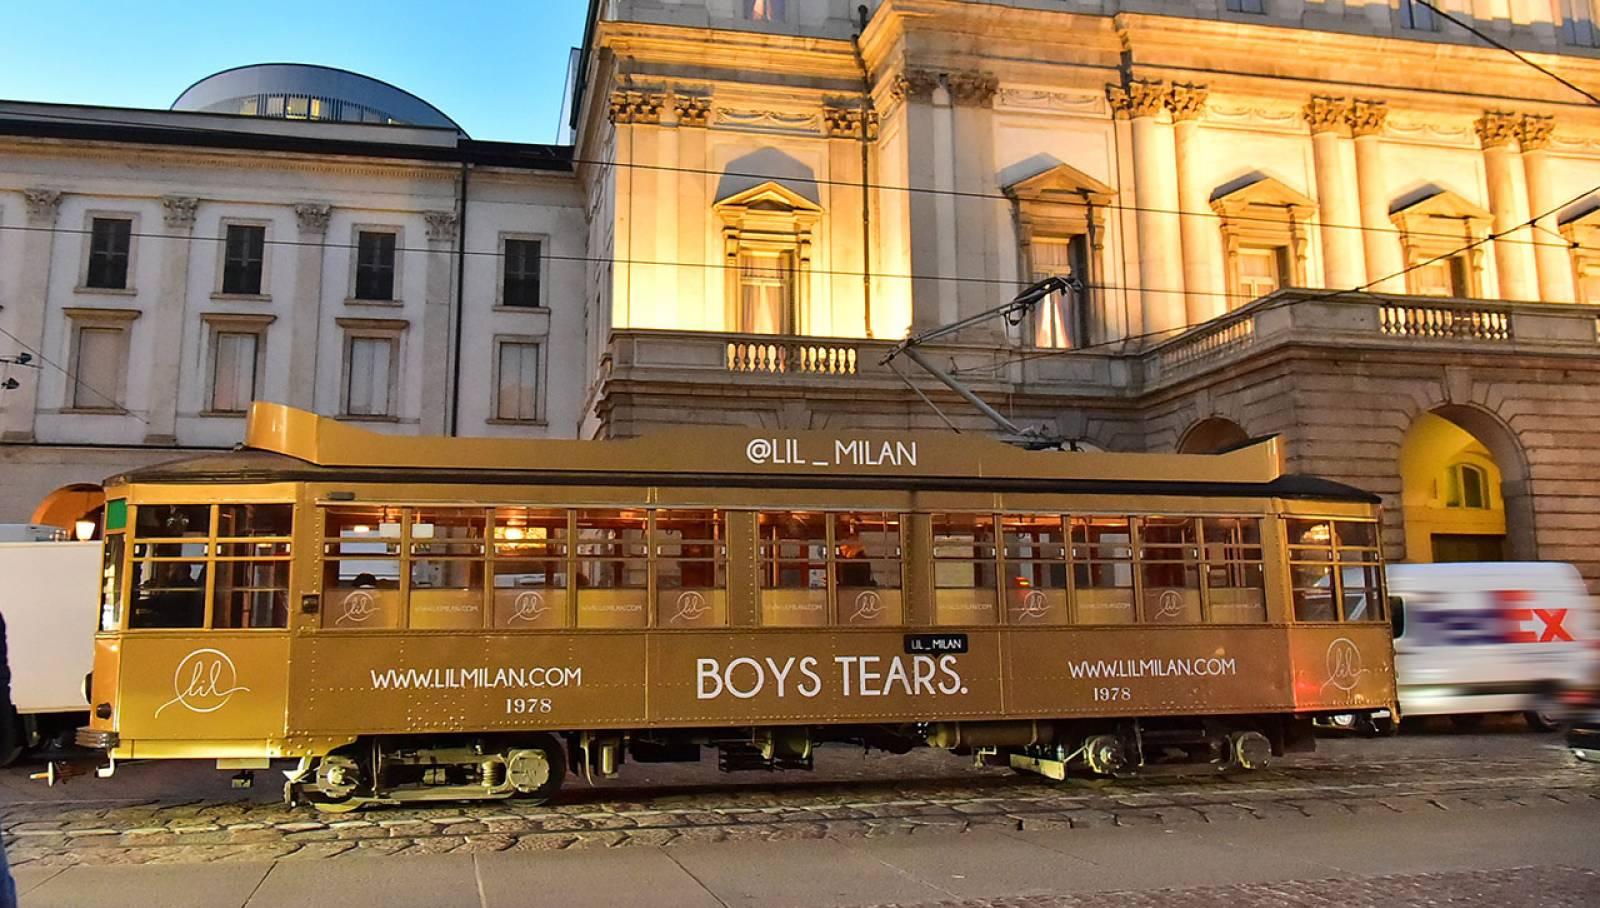 Pubblicità su tram IGPDecaux tram decorato per LIL a Milano